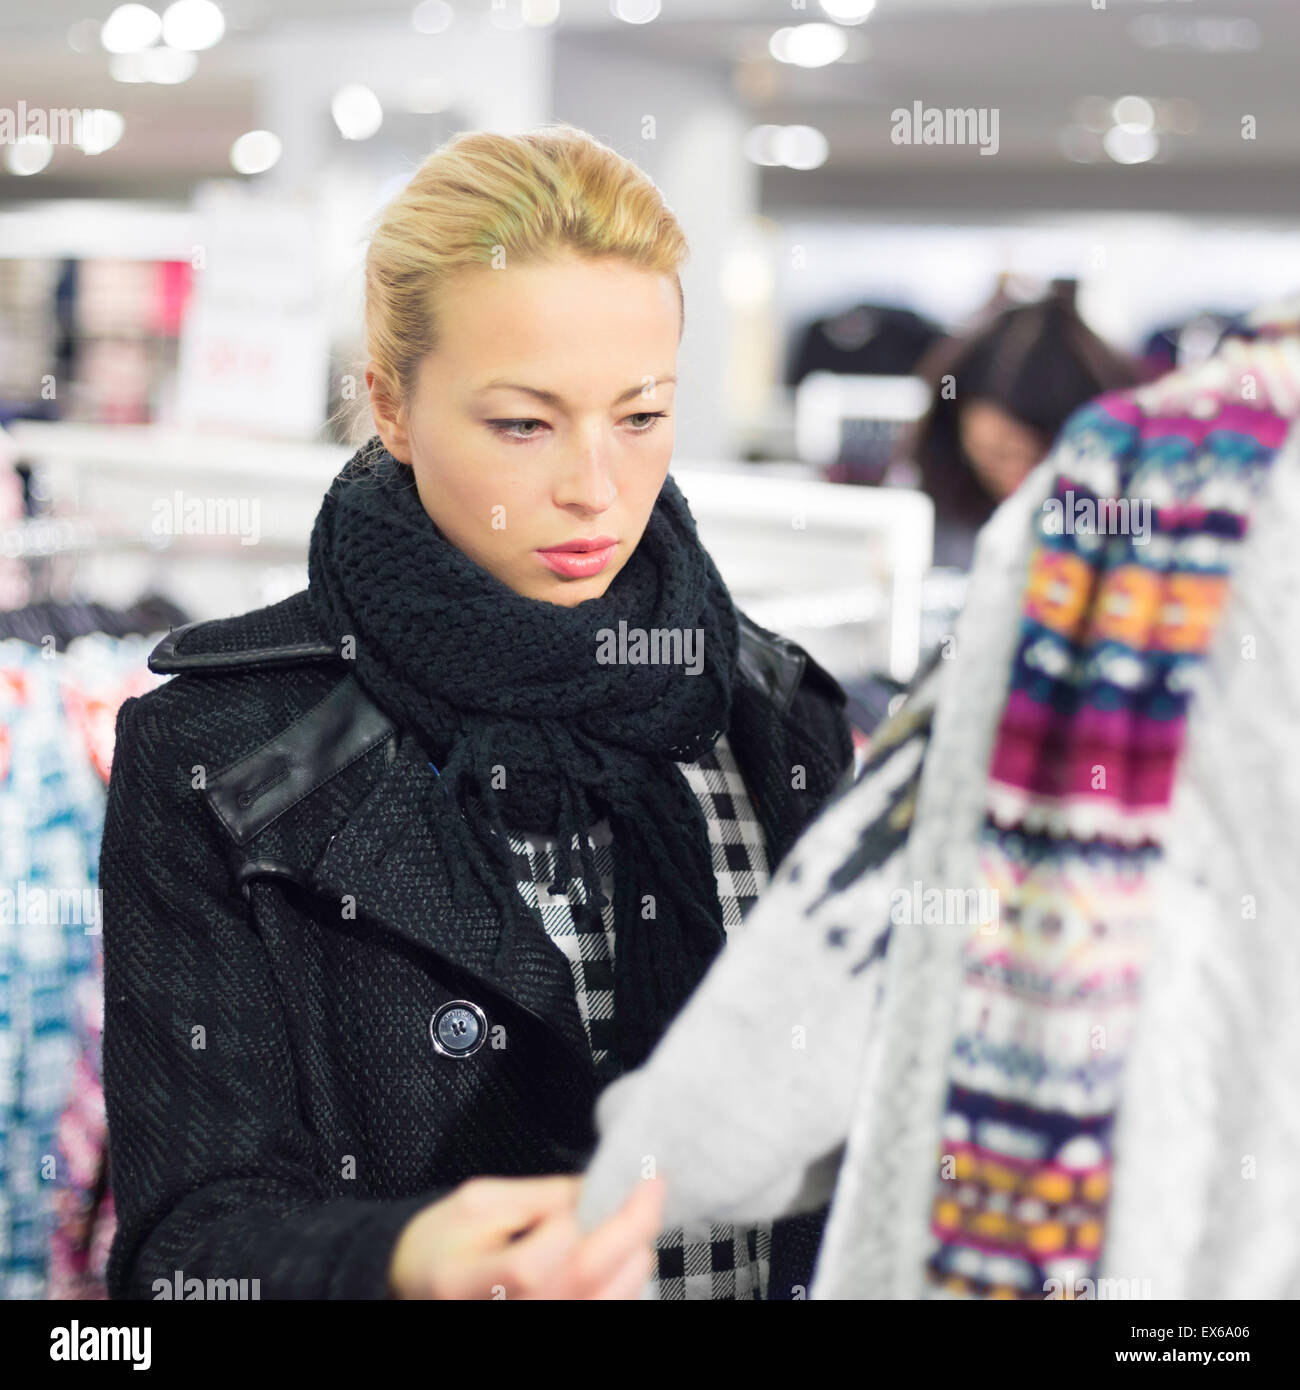 Bella donna shopping nel negozio di abbigliamento. Immagini Stock